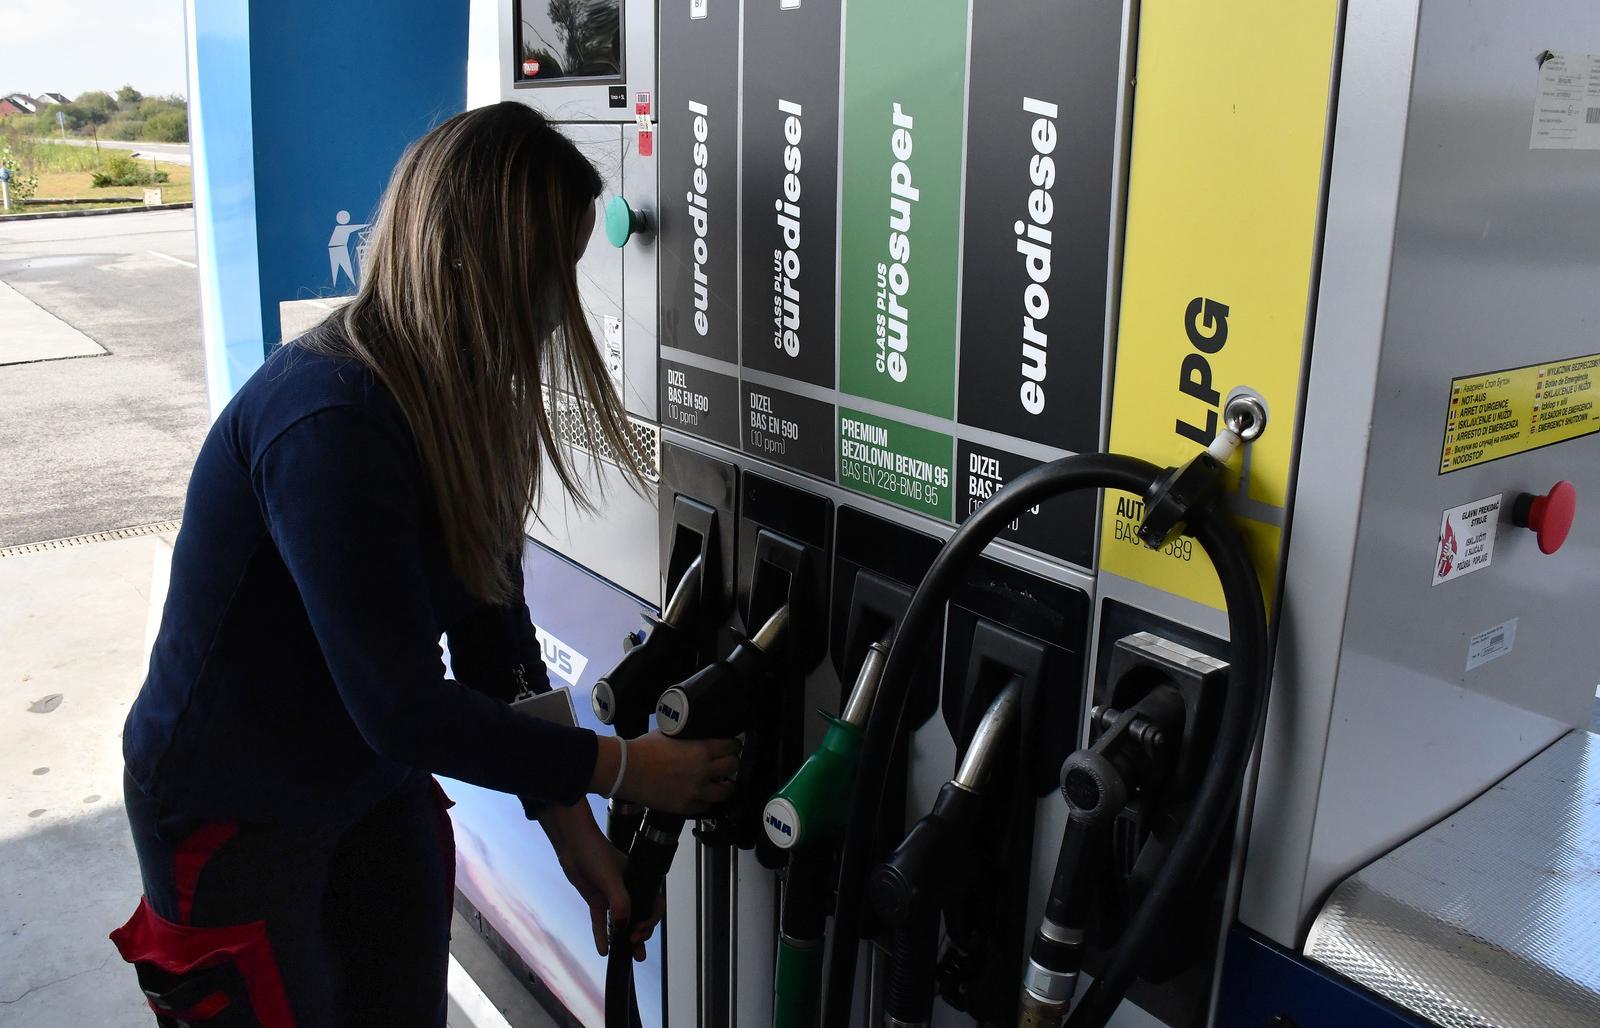 ROK OD 30 DANA BLIŽI SE KRAJU! Što dalje s cijenama goriva? Pripremite se: Doznajemo moguće scenarije